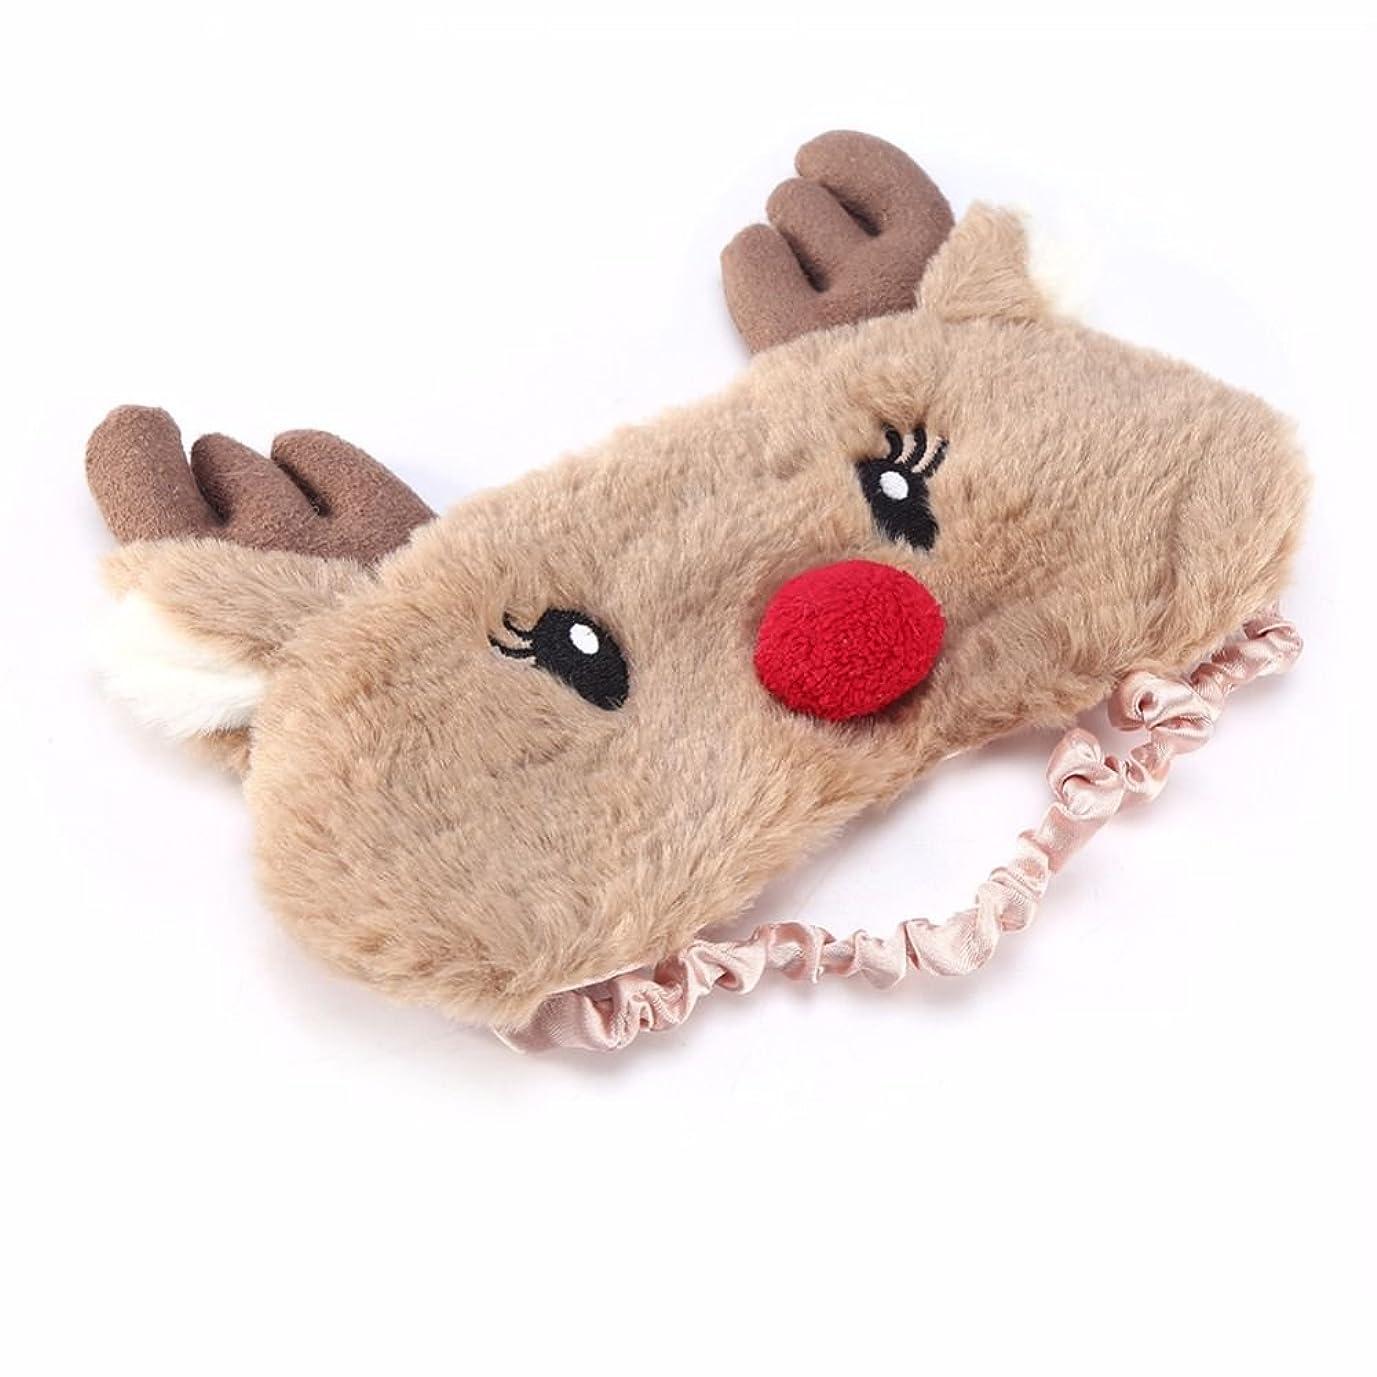 障害乳製品他にNOTE クリスマス鹿かわいいアニマルアイカバーぬいぐるみ布睡眠マスクアイパッチ冬漫画昼寝アイシェード用クリスマスギフト